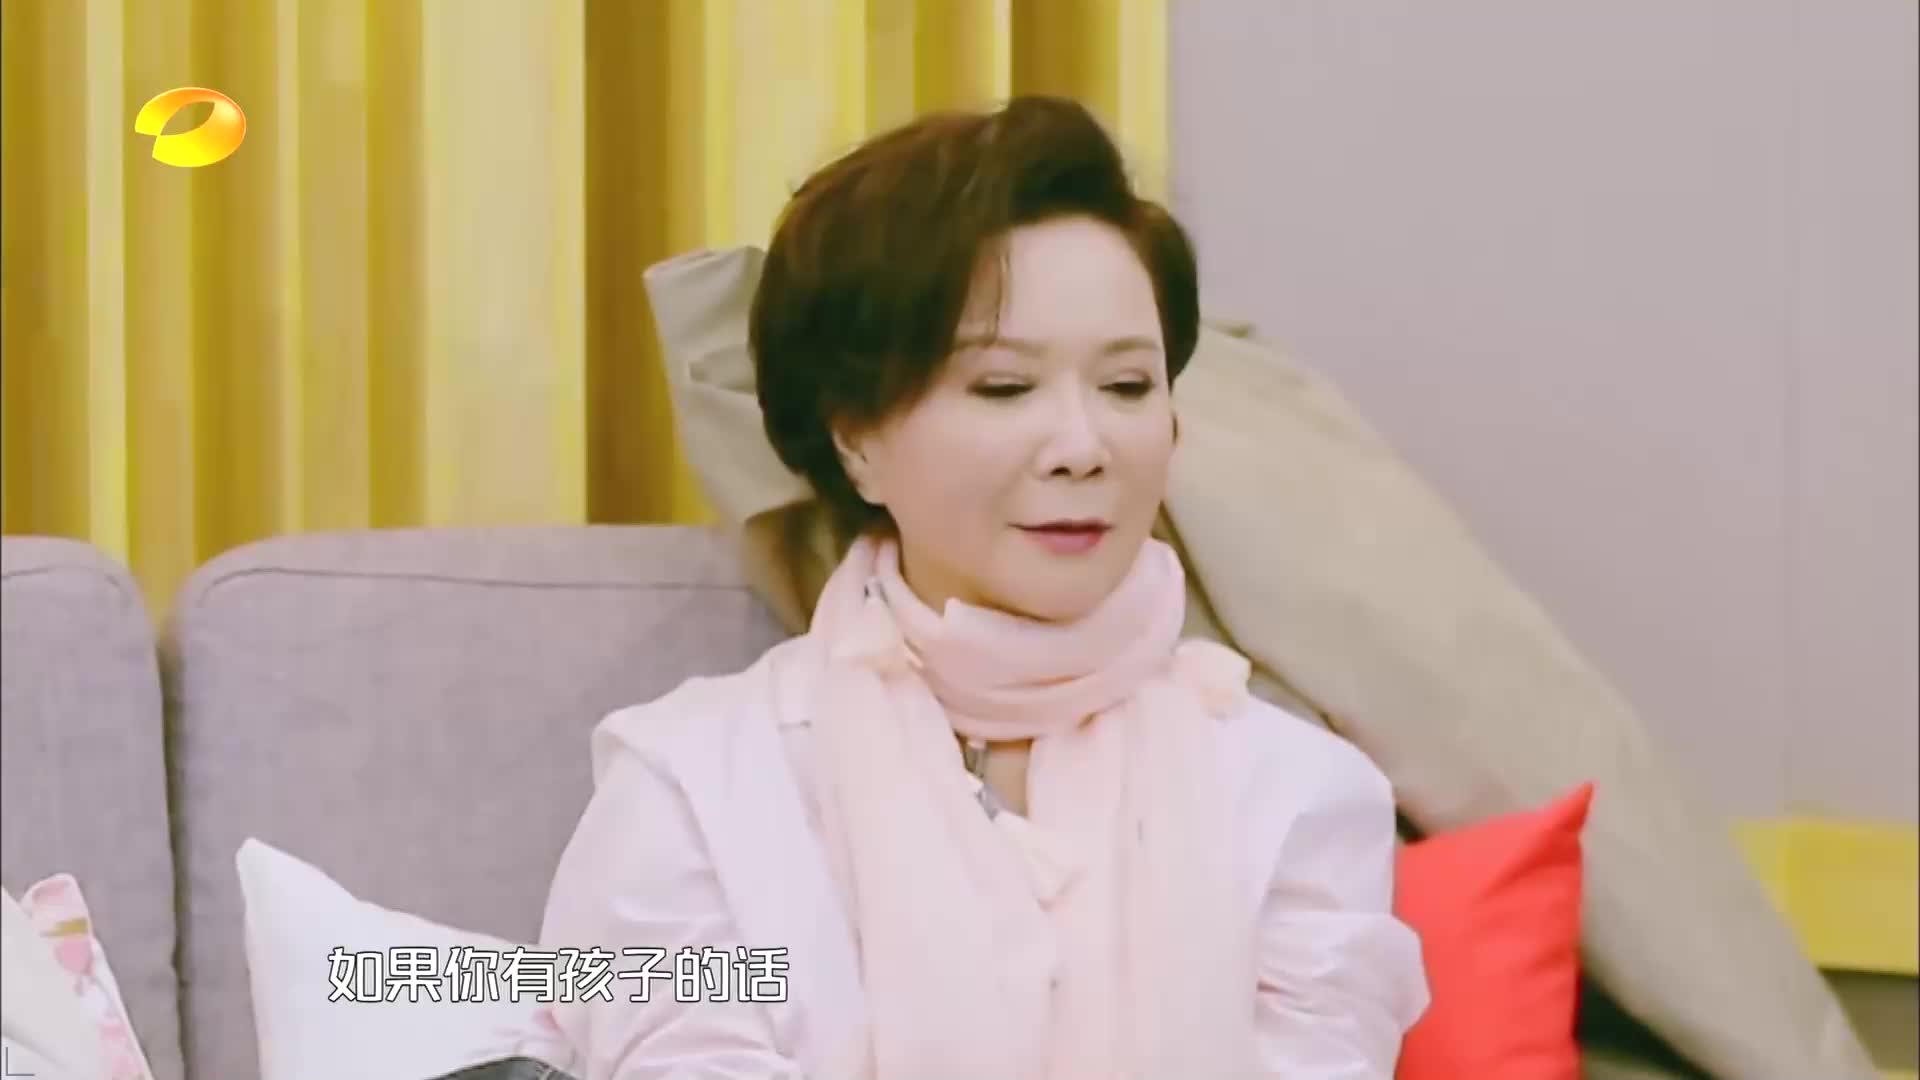 蔡老师催大张伟生孩子,蔡明:到80岁还是个叨叨老头丨我们的师父